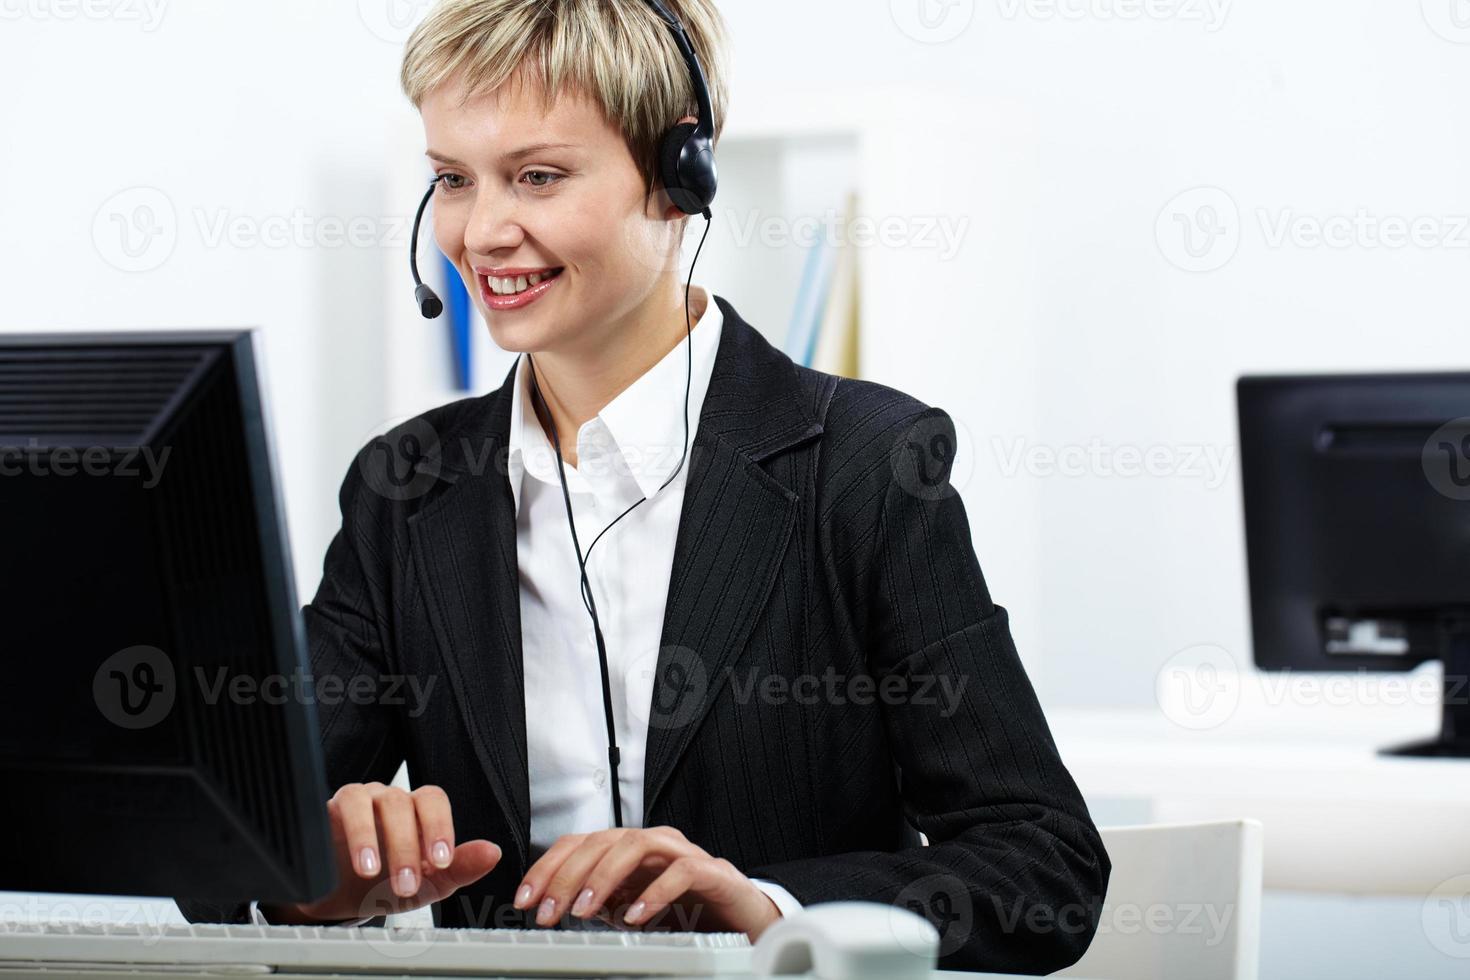 jovem empregado foto